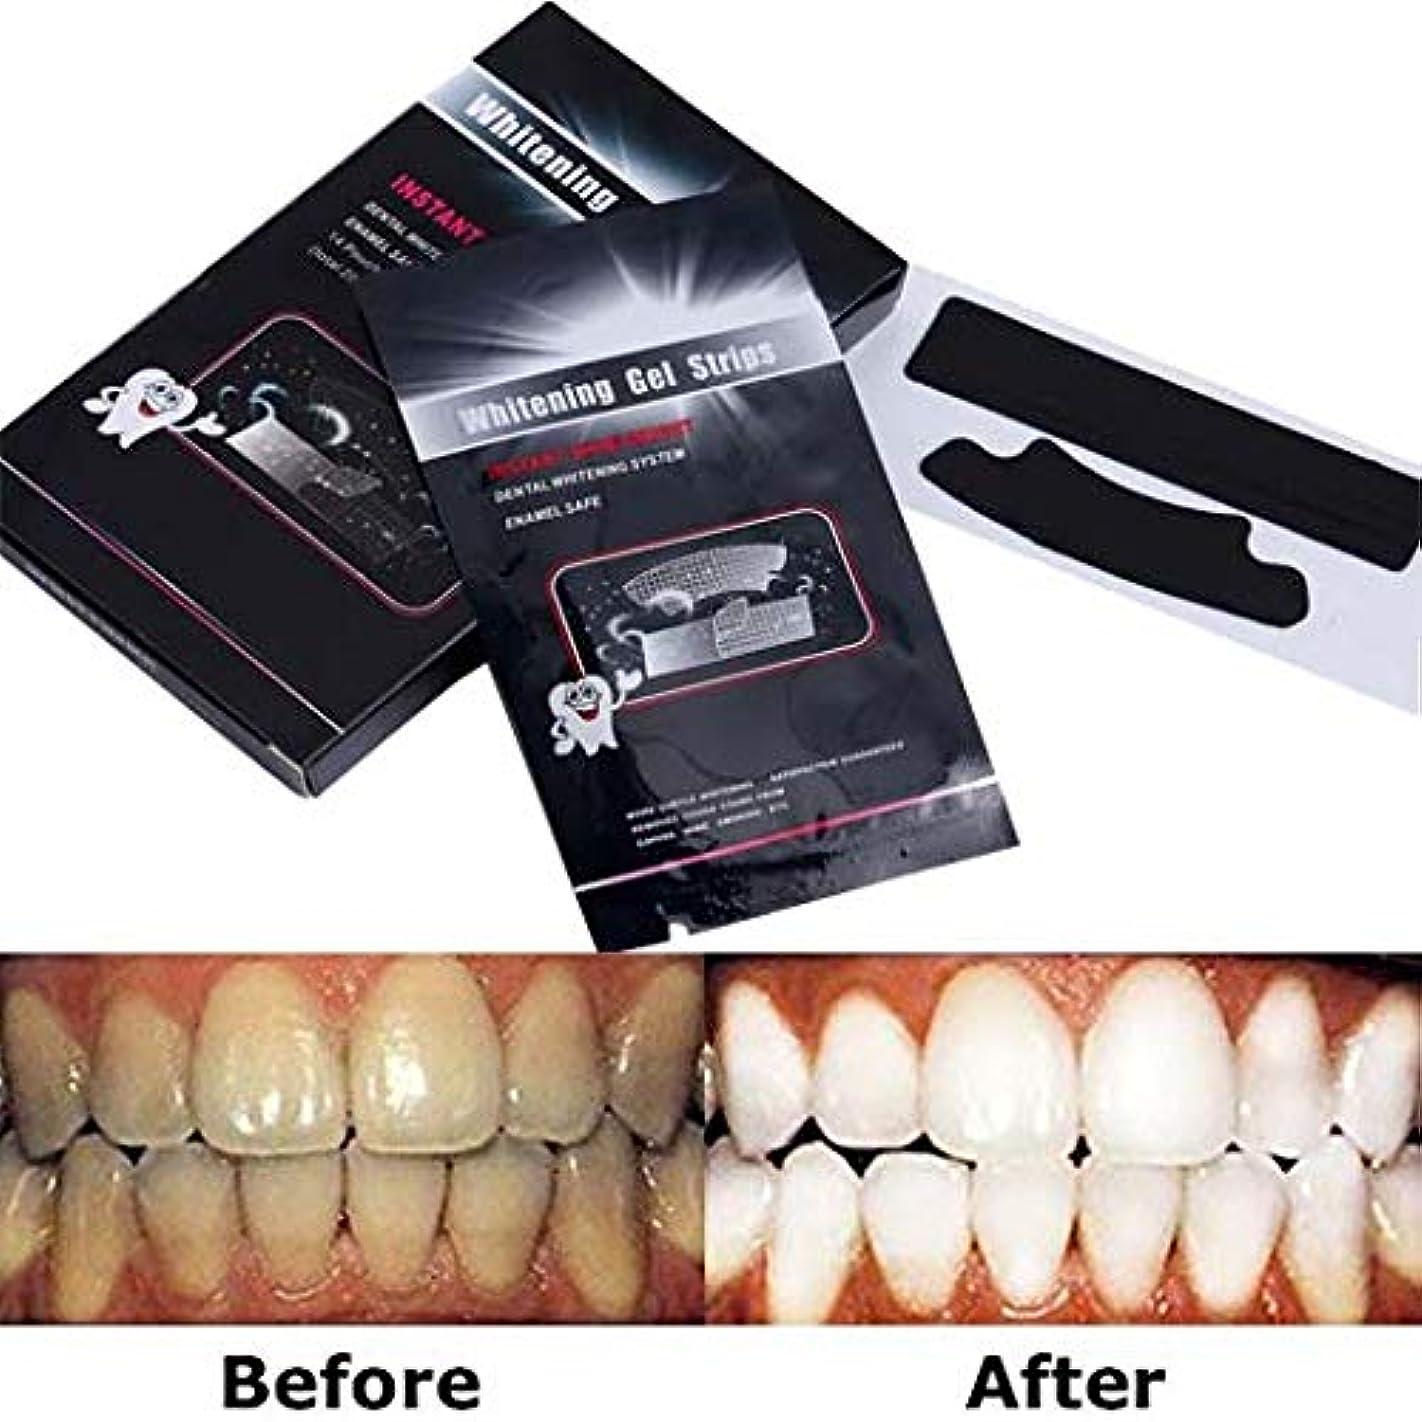 解読する認めるバンジージャンプ14セット 28枚入り 活性竹炭歯を白くする、歯を白くするストリップ、ストリップをホワイトニングするプロの歯 - ホワイトパックであなたの歯を白くする28-パック - 歯からコーヒー、紅茶、およびタバコの汚れを取り除きます。 結果を得るー14パック28枚 ドライ ホワイトニング